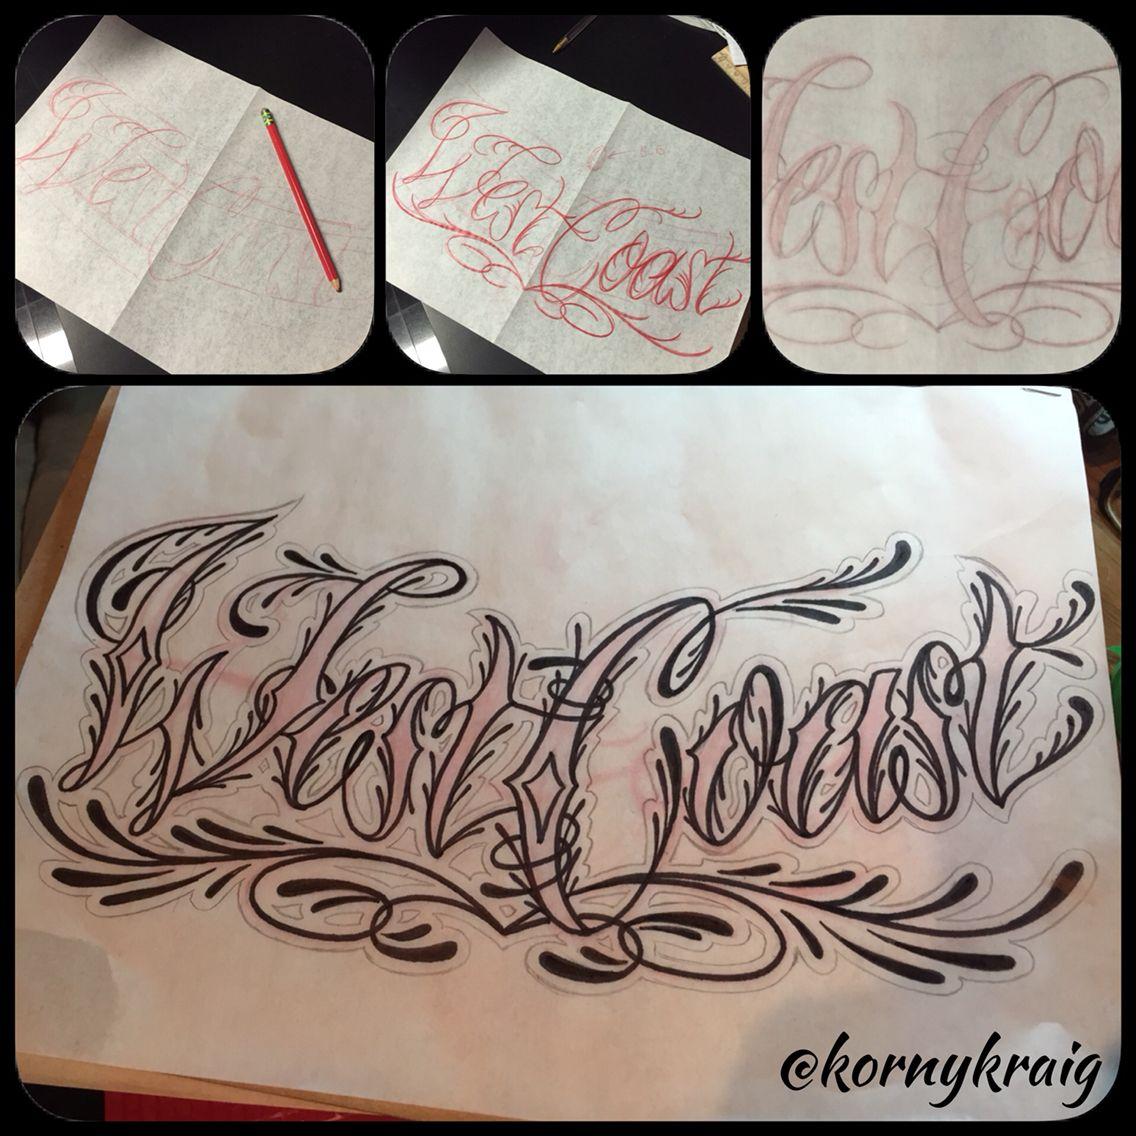 46+ Amazing West coast tattoo font image ideas